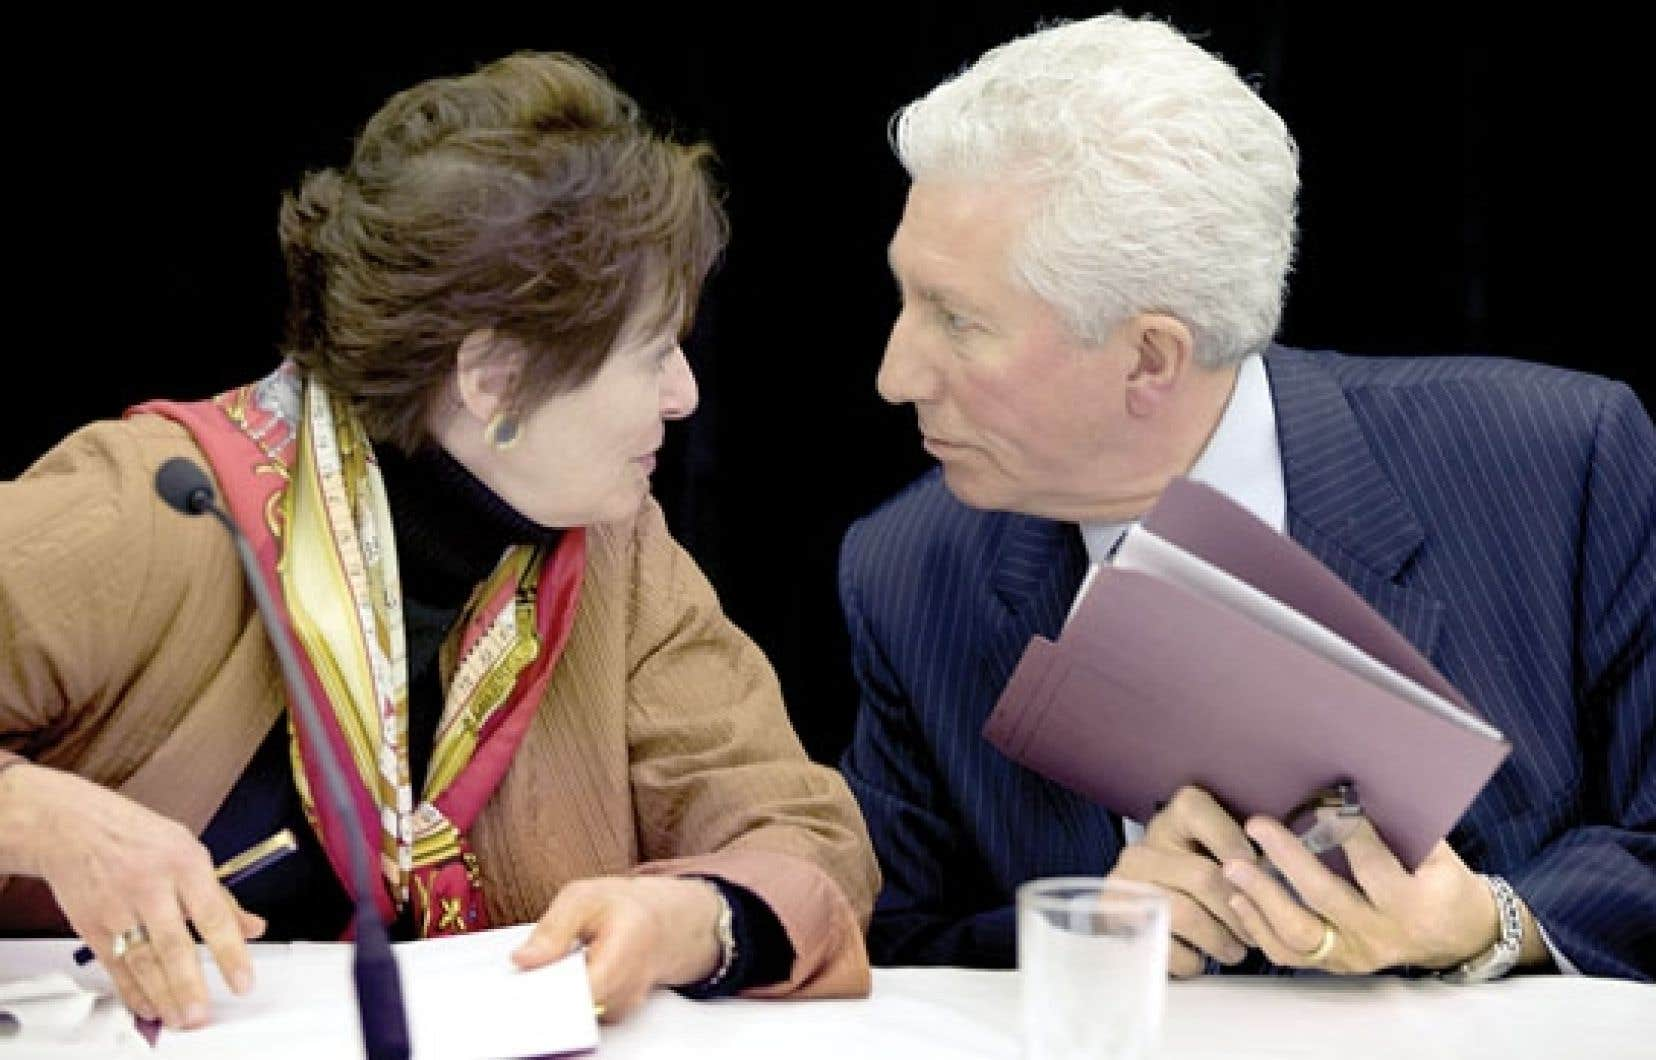 La commission est présidée par Rita Dionne-Marsolais et Gilles Duceppe.